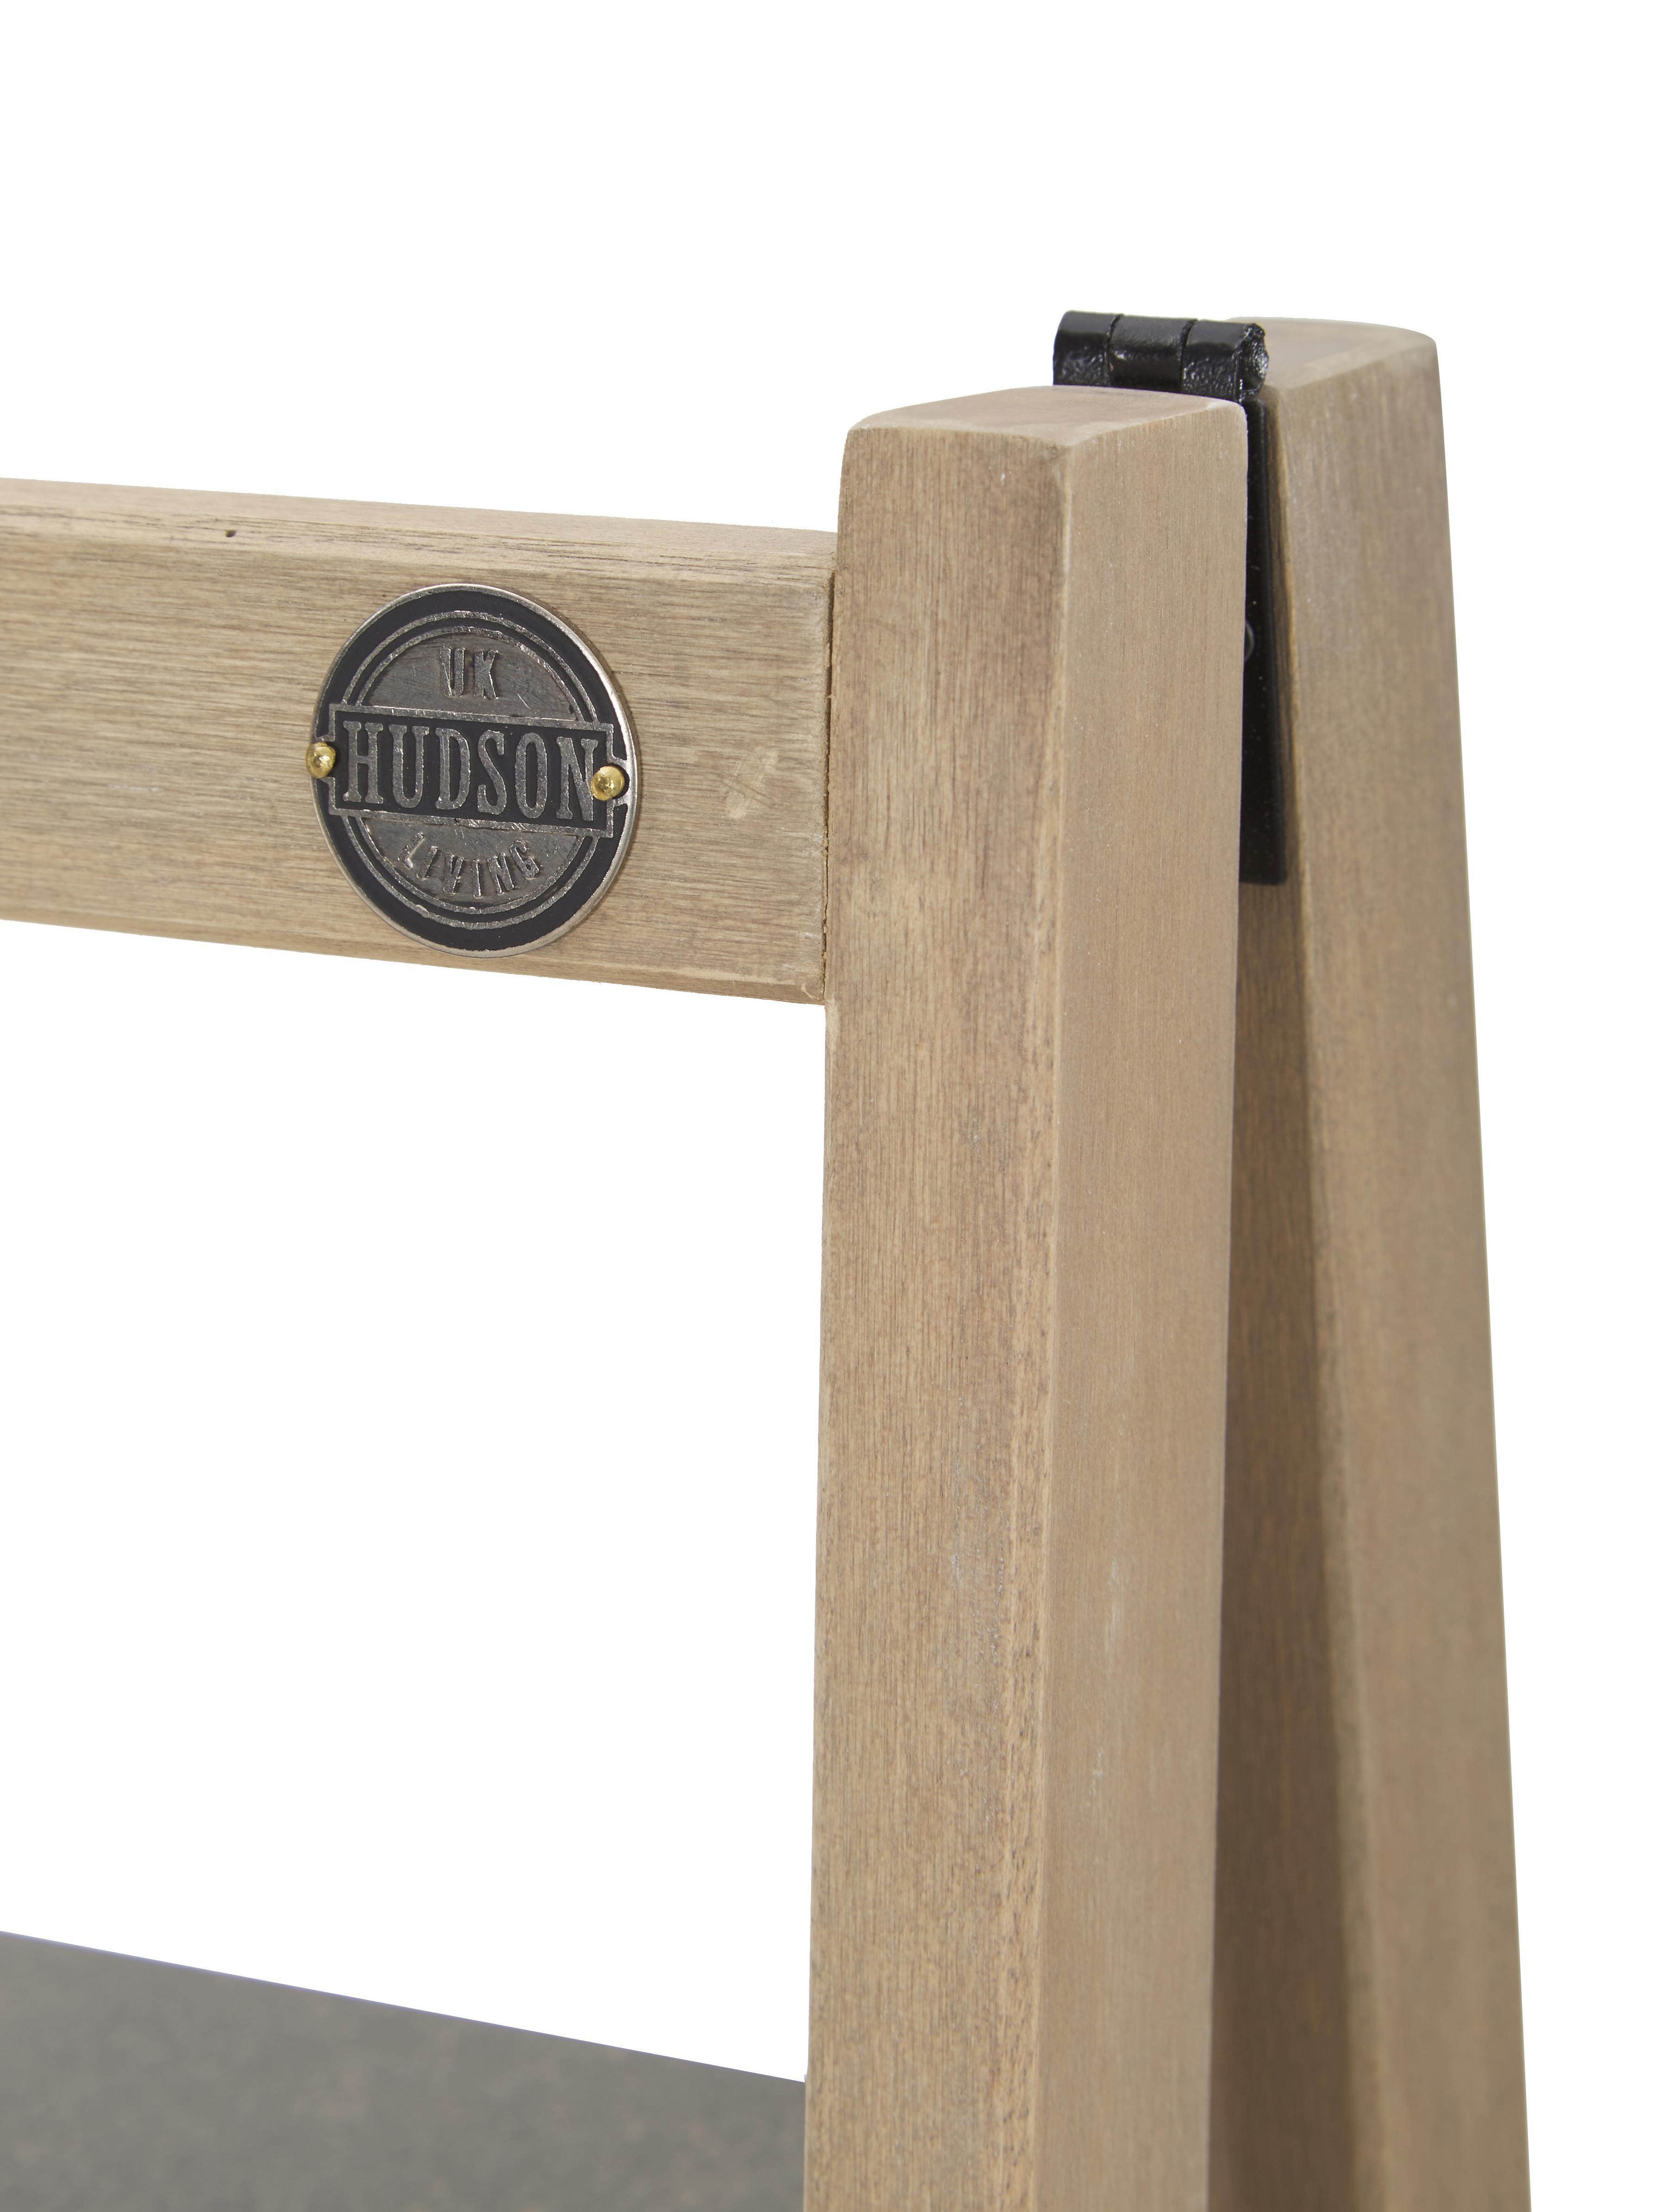 Leiter-Regal Lomborg, Rahmen: Eichenholz, naturbelassen, Eichenholz, Grau, 43 x 136 cm